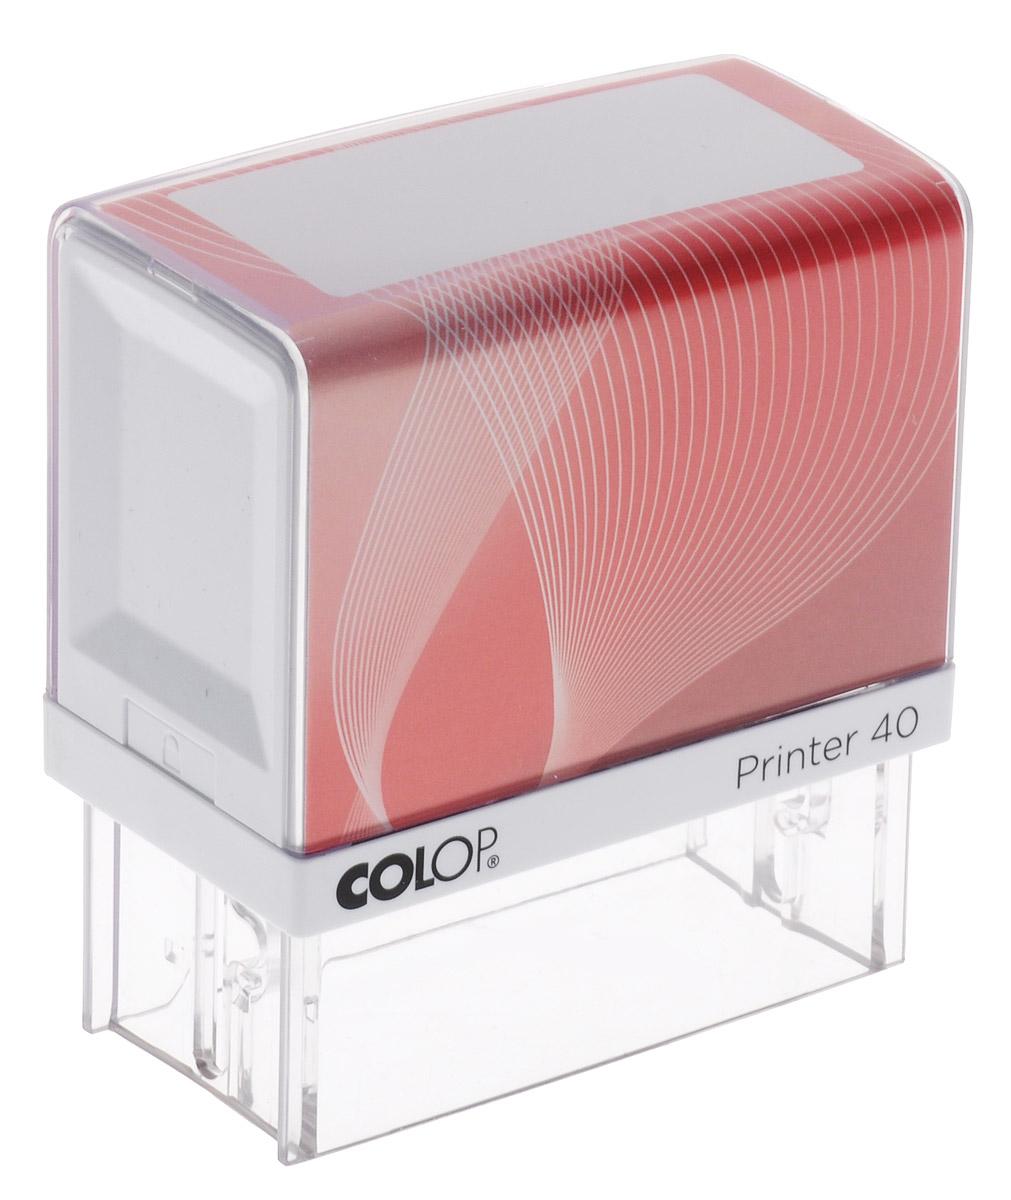 Colop Оснастка для штампа цвет красный 23 х 59 ммPrinter 40SАвтоматическая оснастка Colop с надежным корпусом из пластика и поворотным механизмом, окрашивающим текст.Цвет корпуса меняется с помощью бумажного вкладыша. Текстовые пластины прямоугольной формы различного размера под изготовление клише по индивидуальному заказу. Большое информационное окно для корпоративной или личной персонализации.В комплект входит: оснастка и синяя подушка, 2 двухсторонних цветных вкладыша, сменная подушка Е/40.